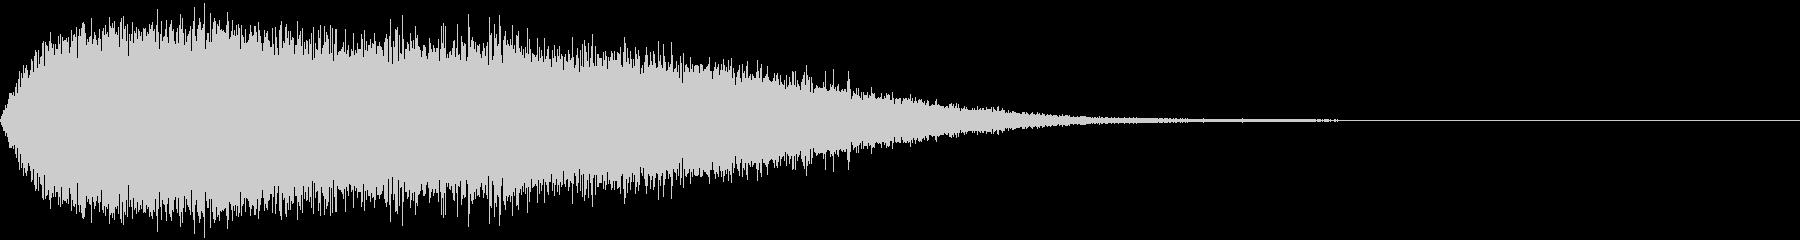 【ダーク・ホラー】アトモスフィア_07の未再生の波形